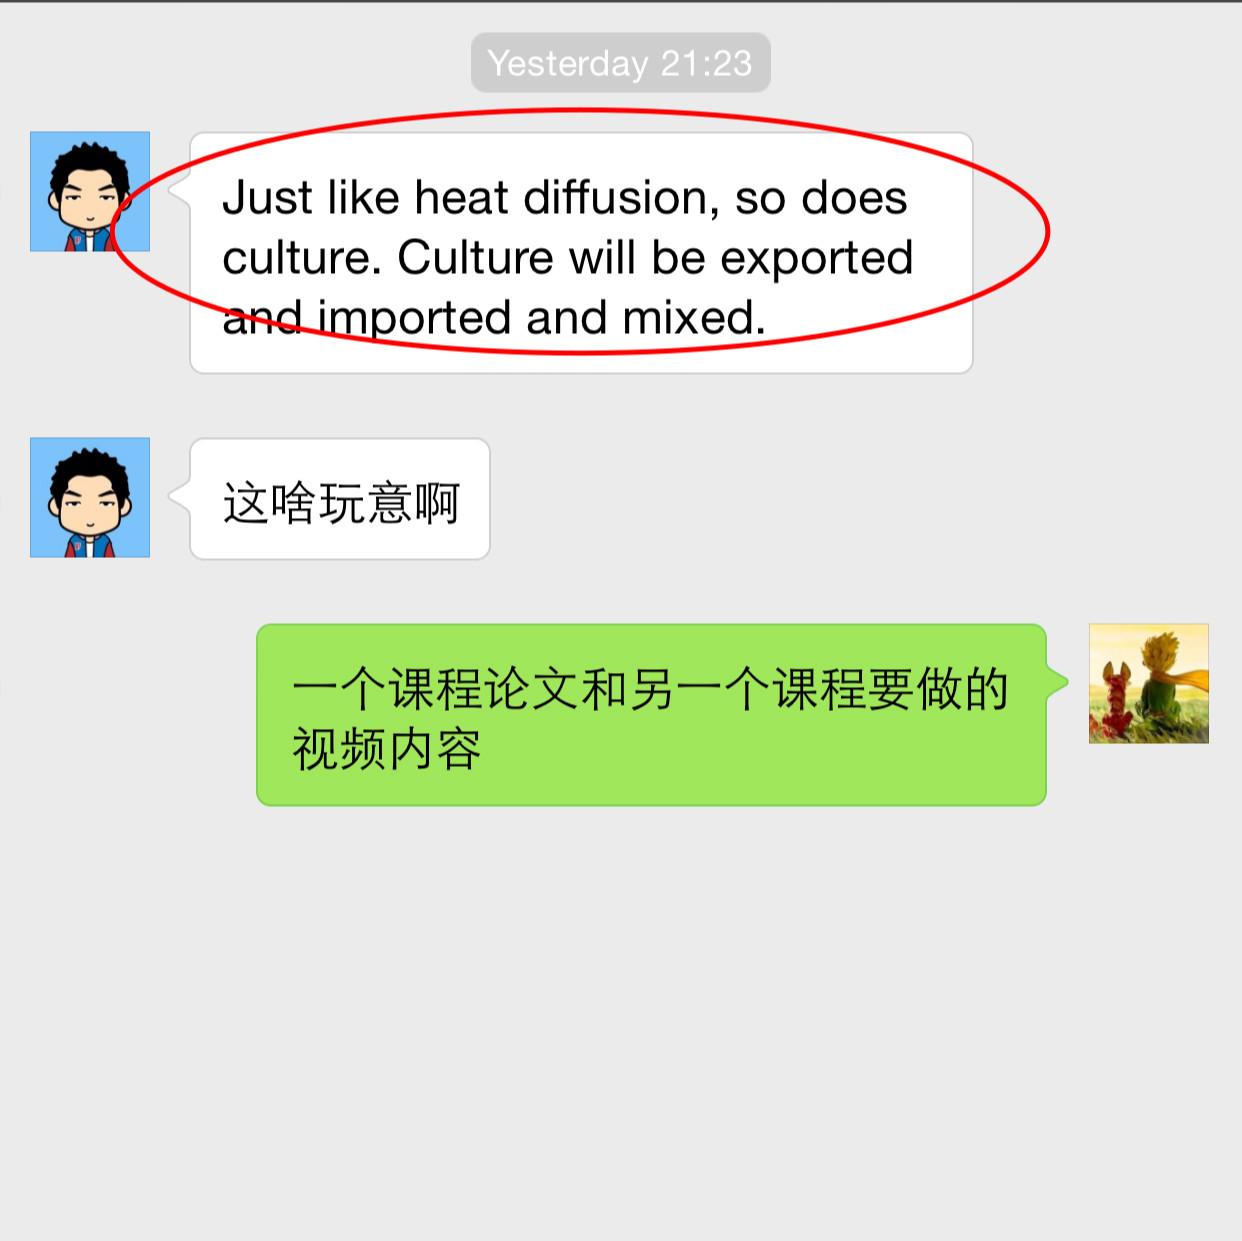 Jianing Yan Cultural Diffusion